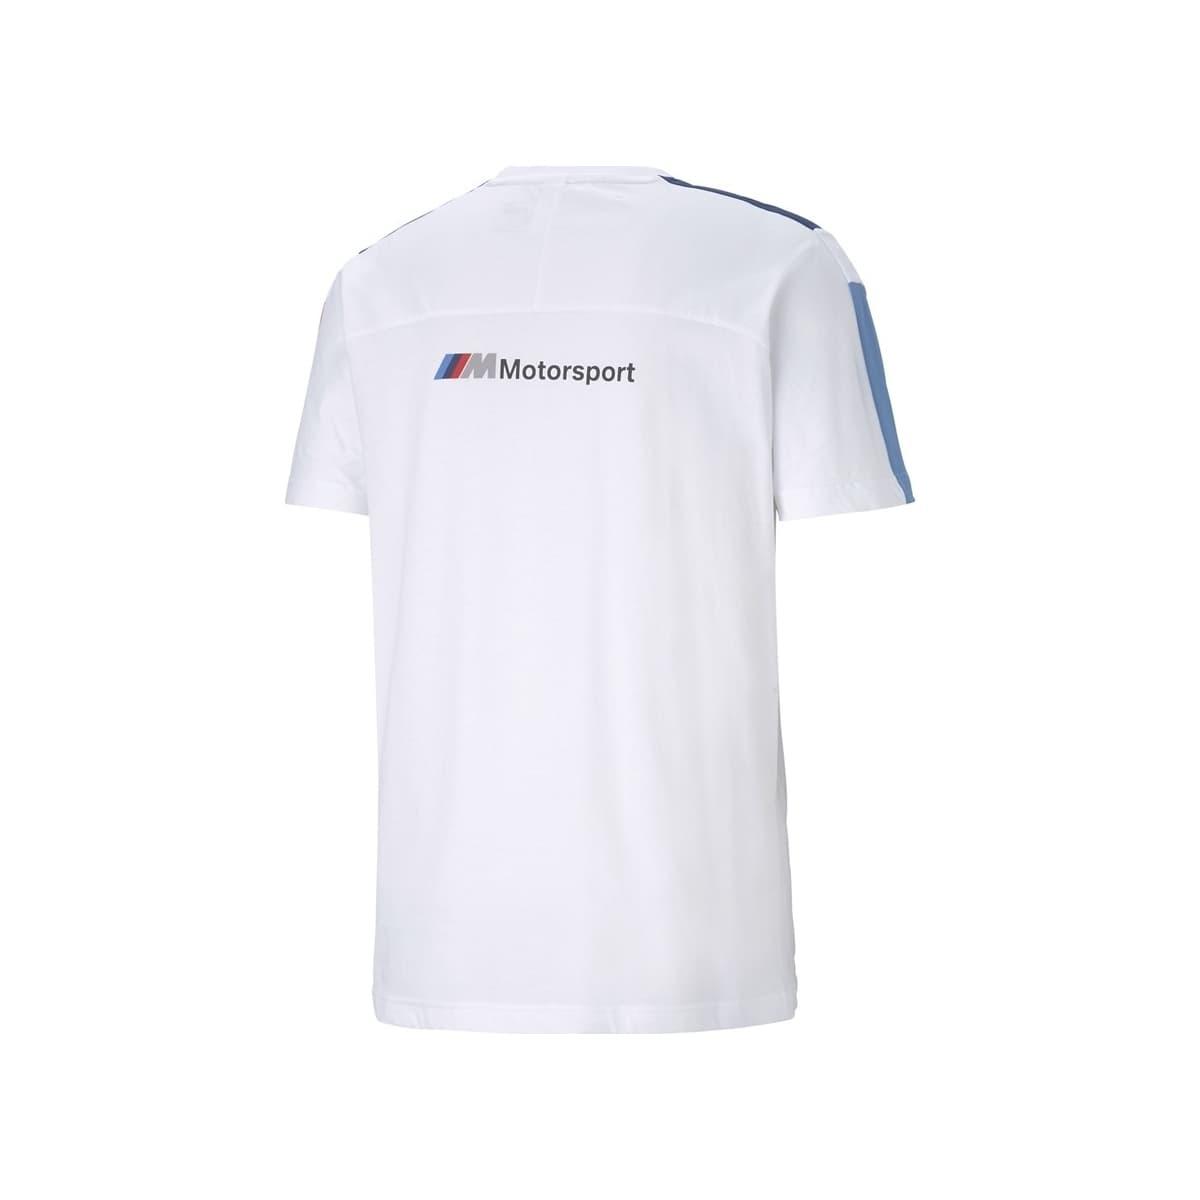 Bmw Motorsport T7 Erkek Beyaz Tişört (599516-02)